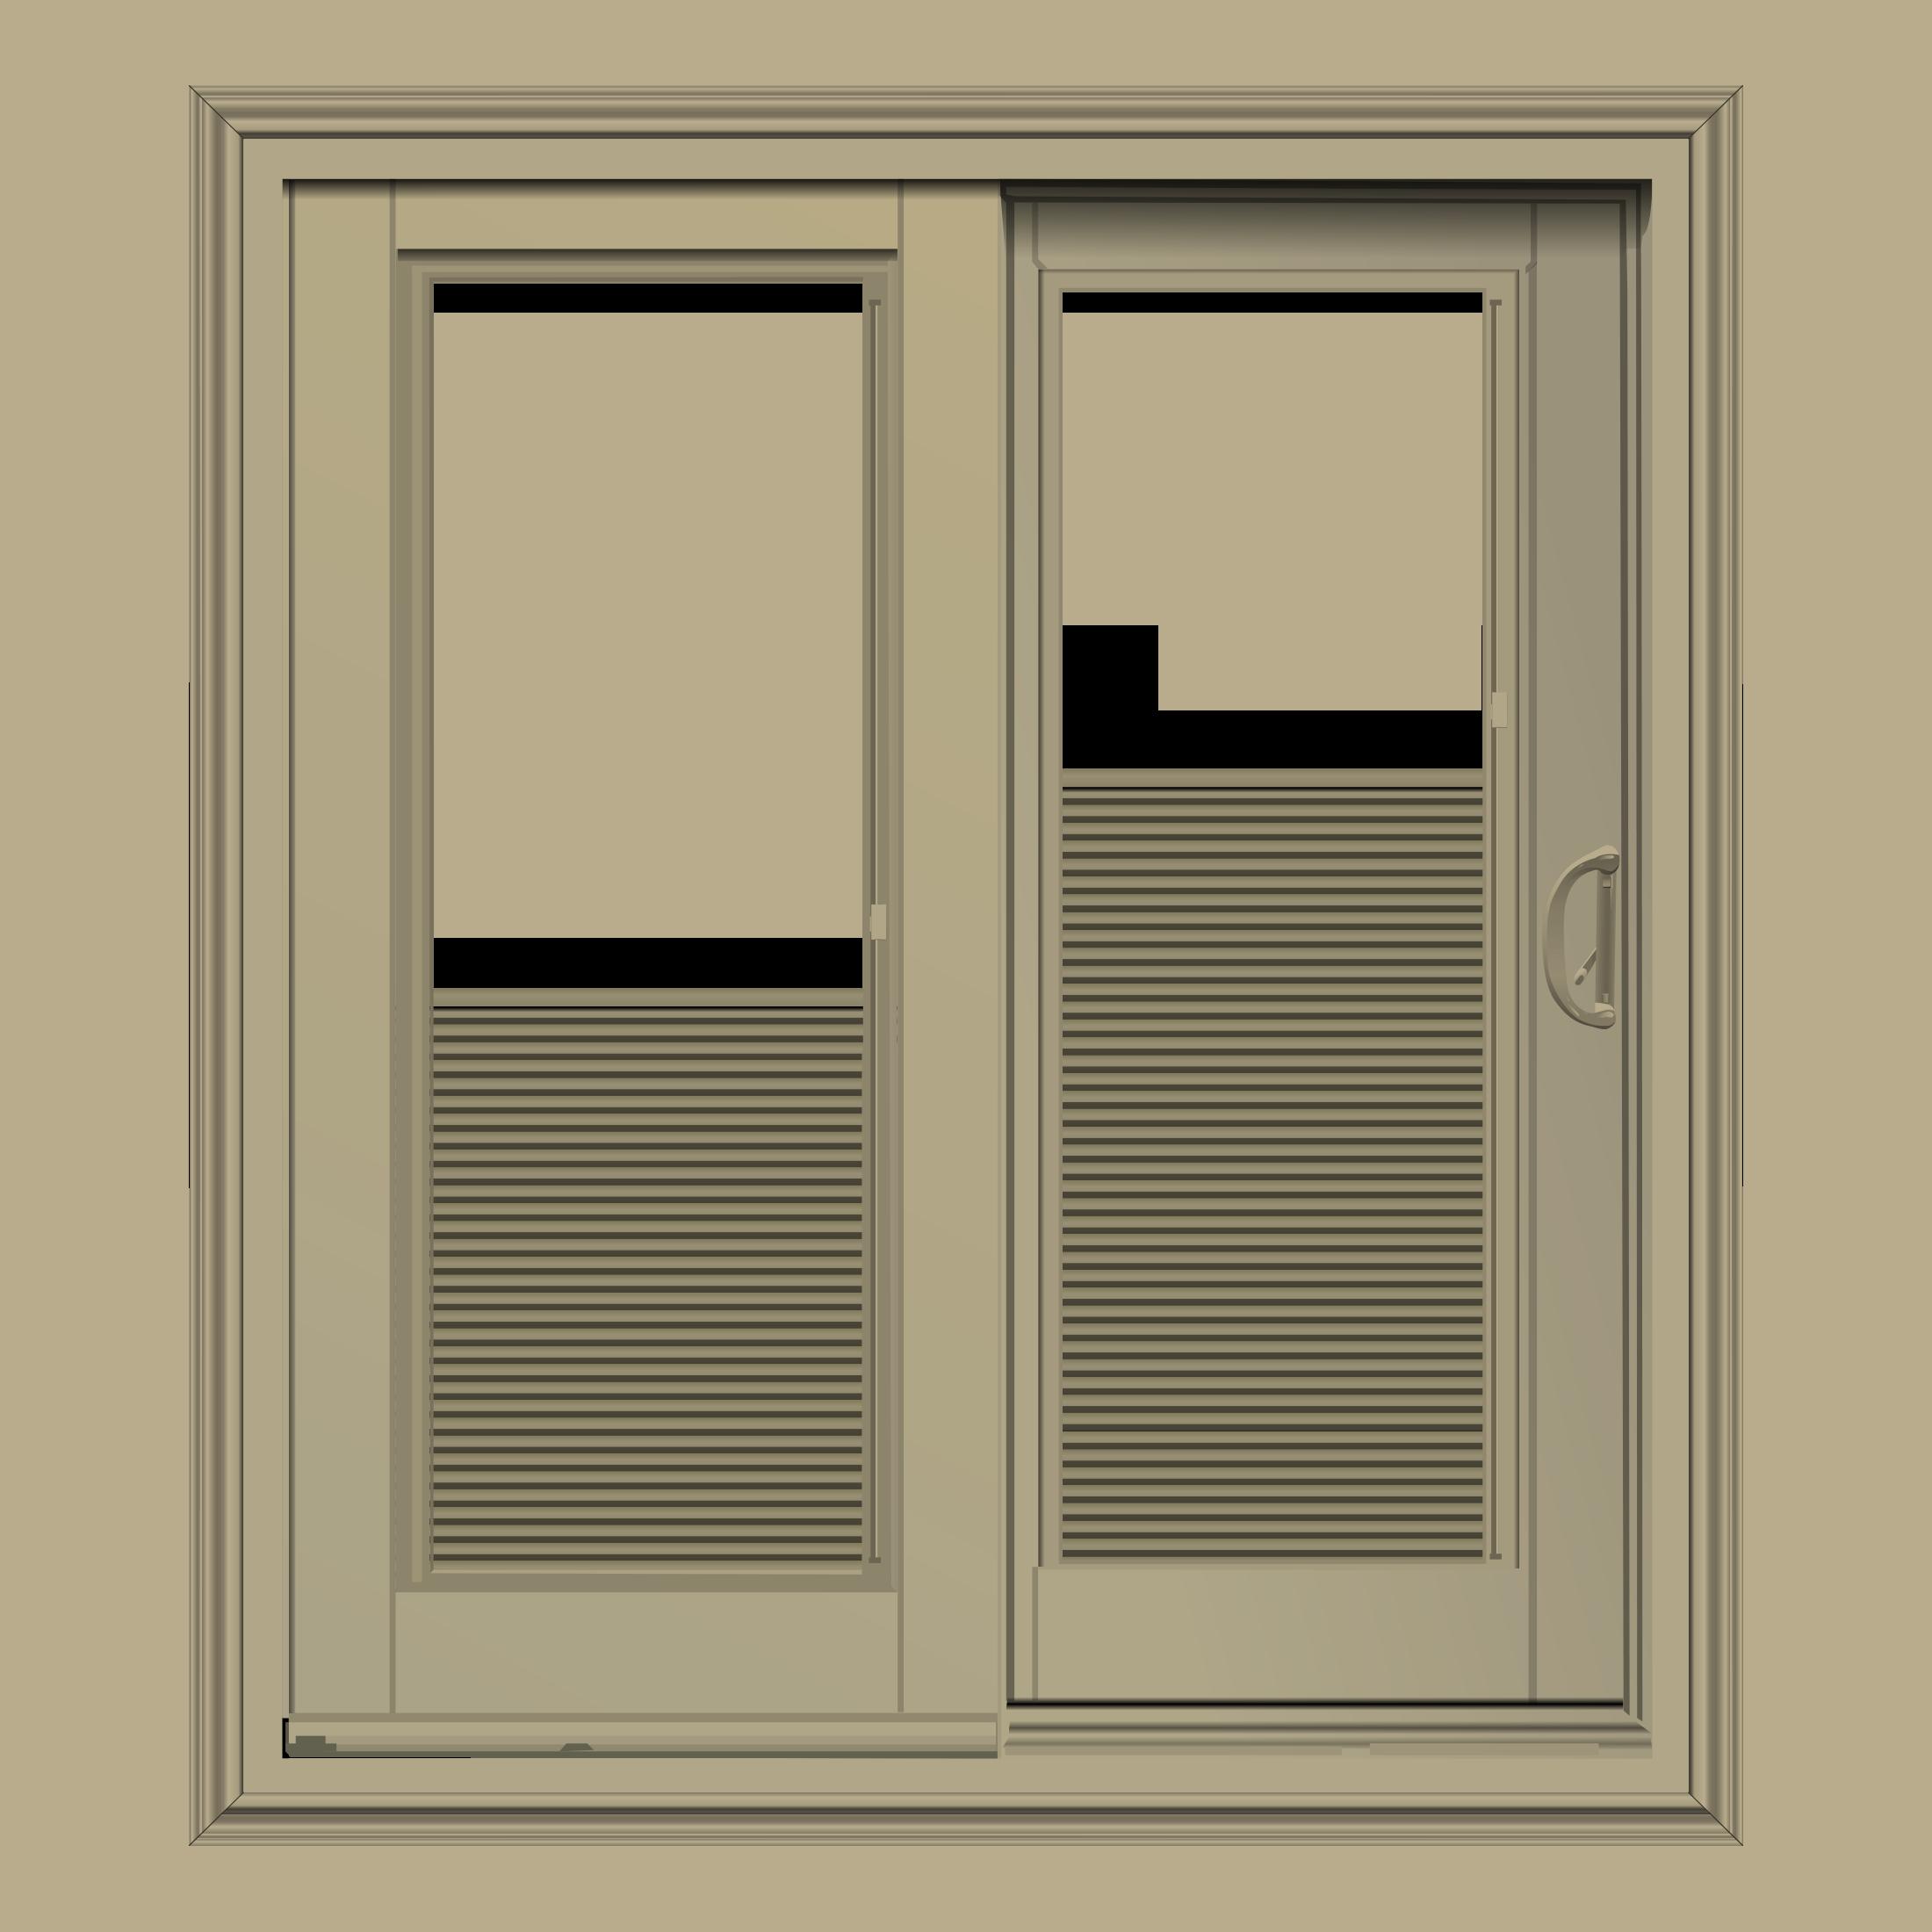 Between Glass Replacement Windows Amp Patio Doors Blinds